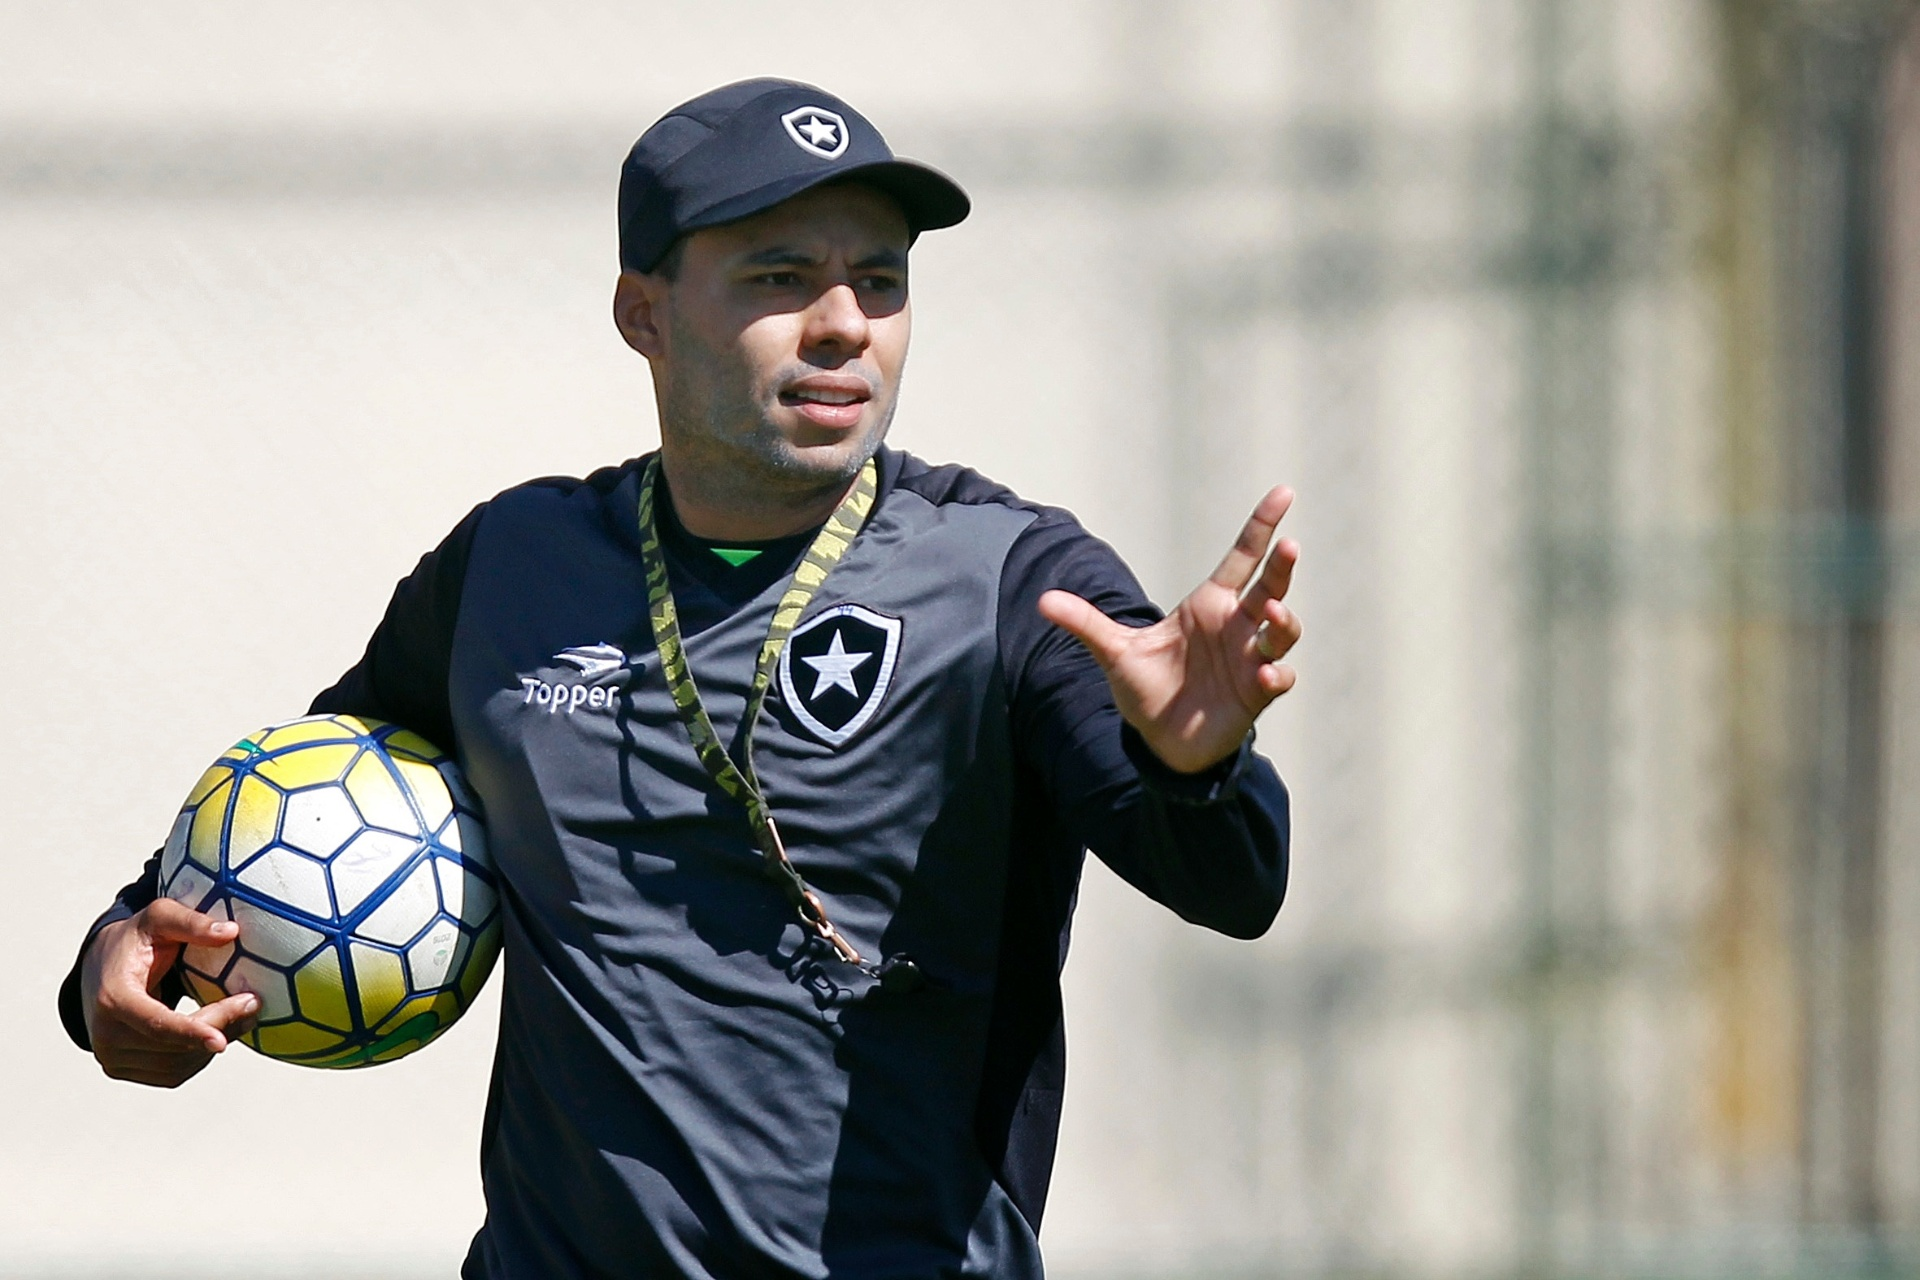 Jair faz mistério em ajuste final do Botafogo antes decisão na Libertadores  - Esporte - BOL 9fc410b1fae72